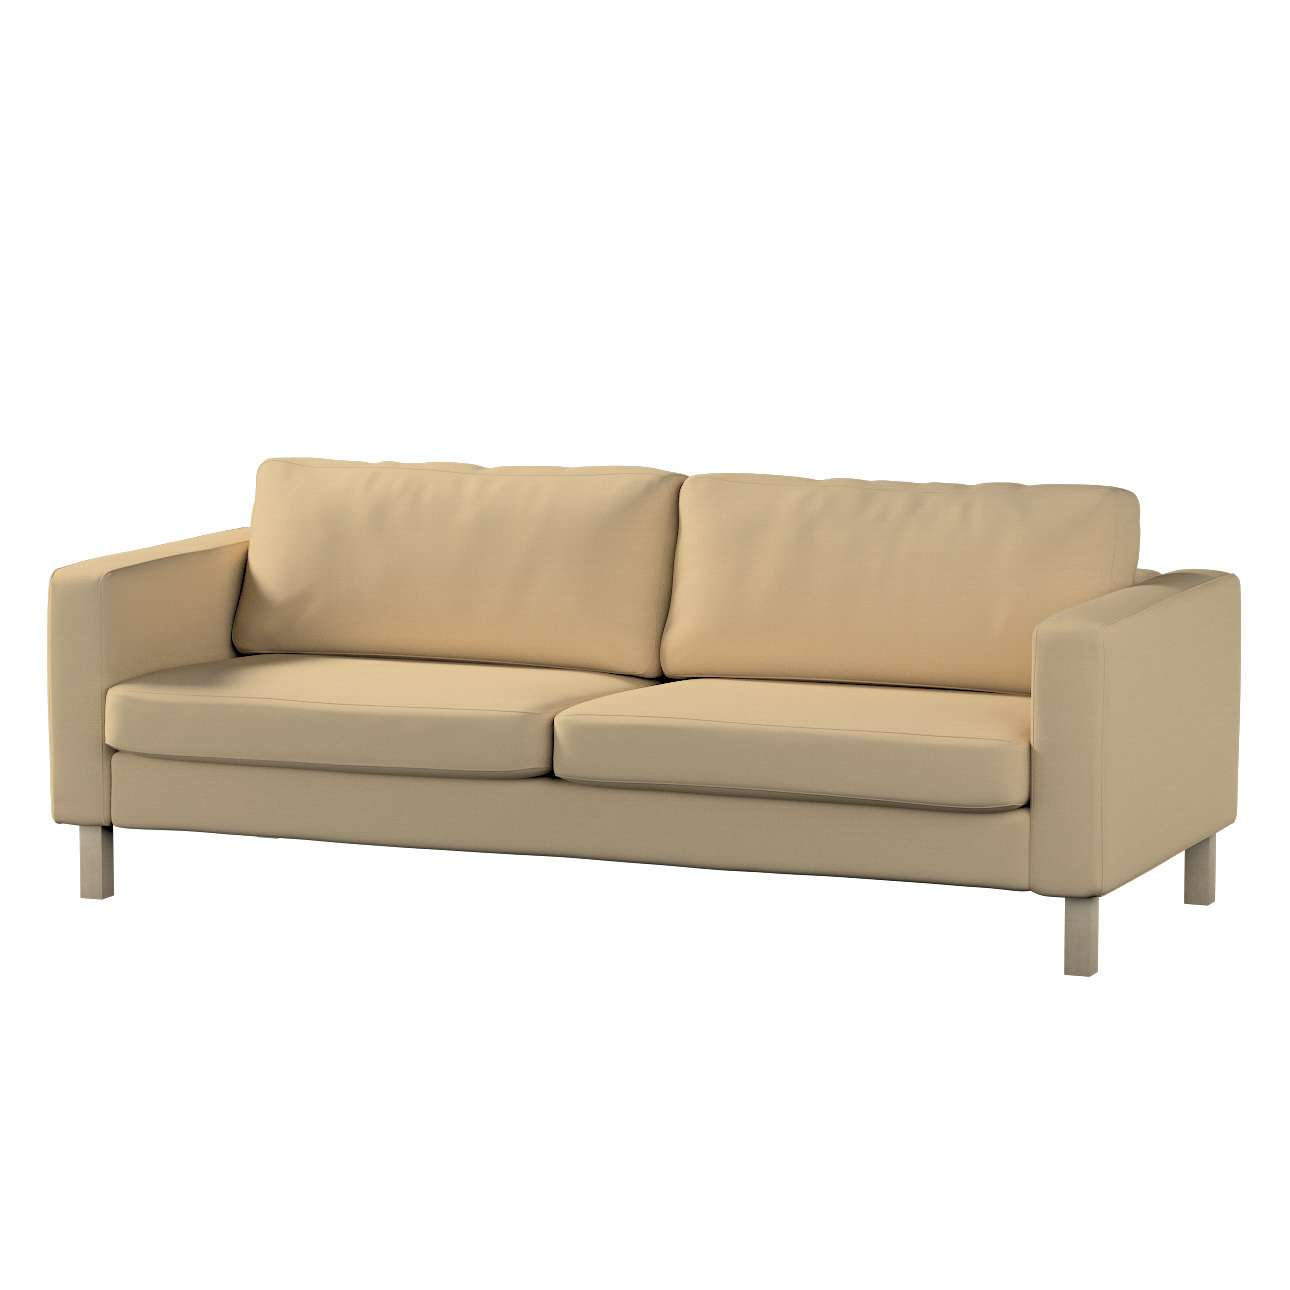 KARSLTAD trvivietės sofos užvalkalas Karlstad 3-vietės sofos užvalkalas (neišlankstomai sofai) kolekcijoje Cotton Panama, audinys: 702-01